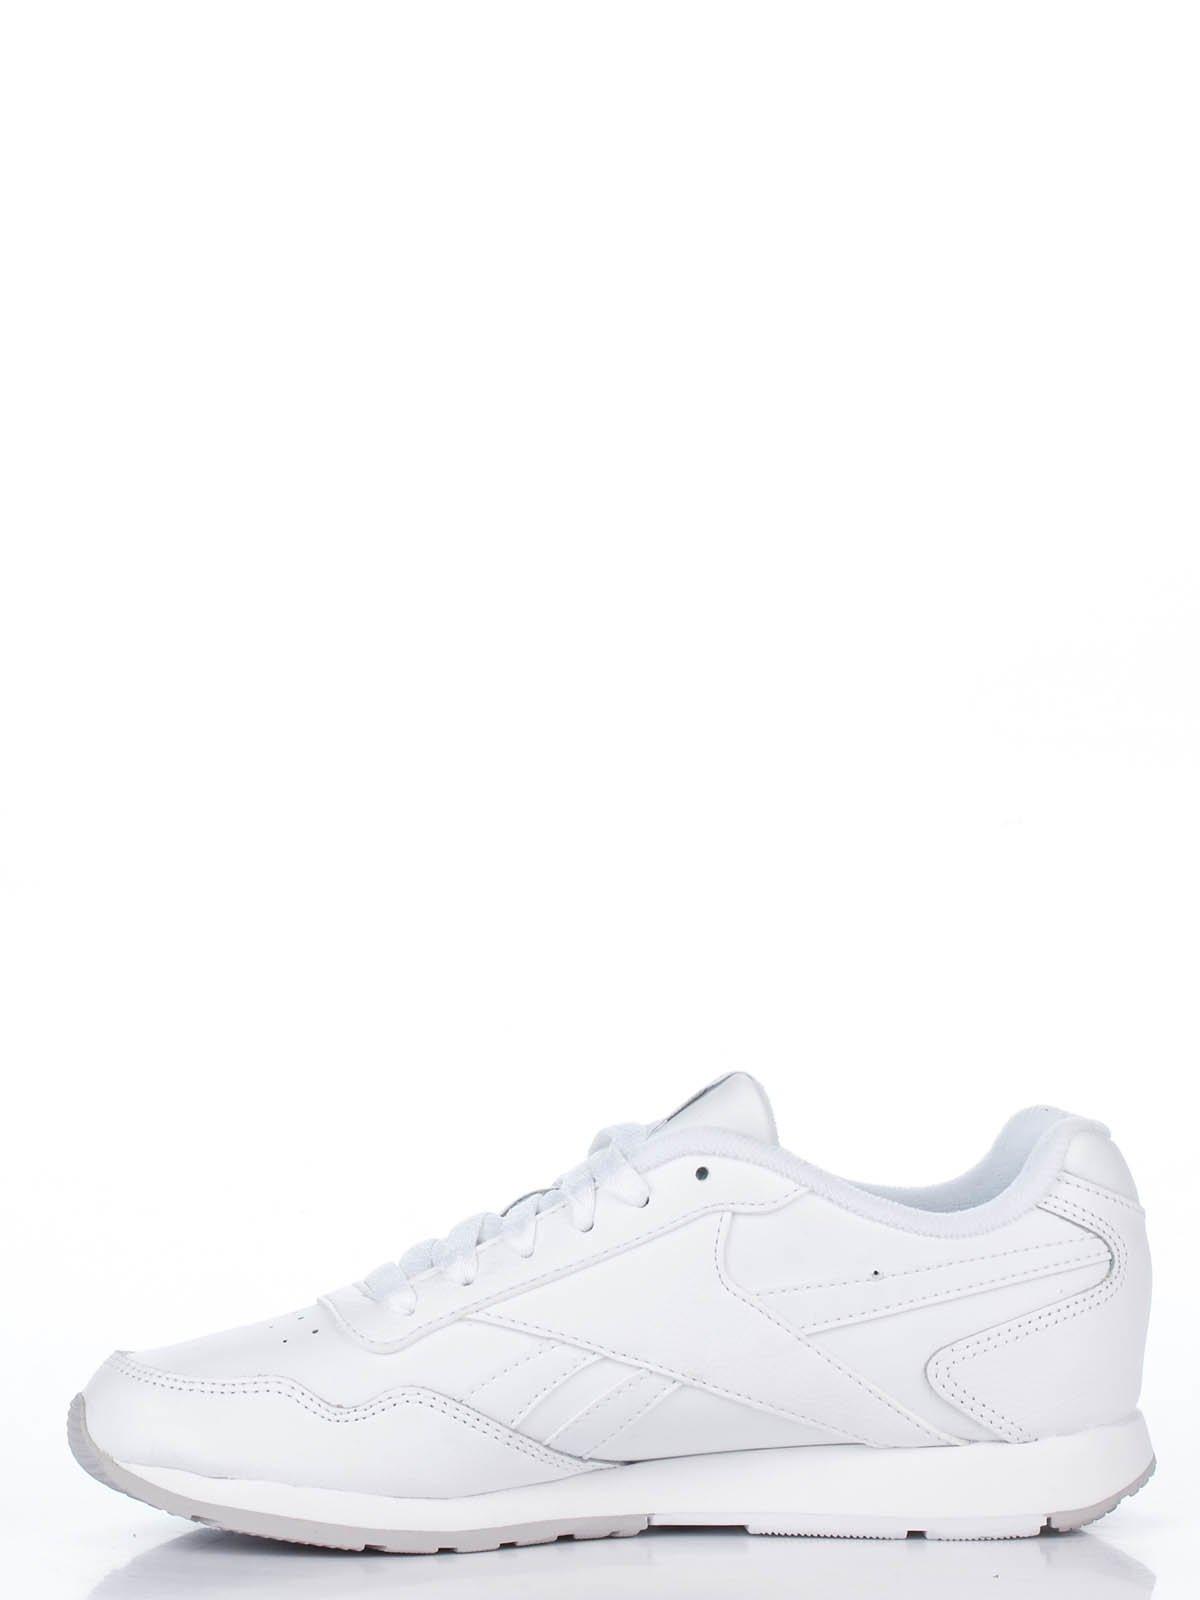 Кроссовки белые | 2001192 | фото 2